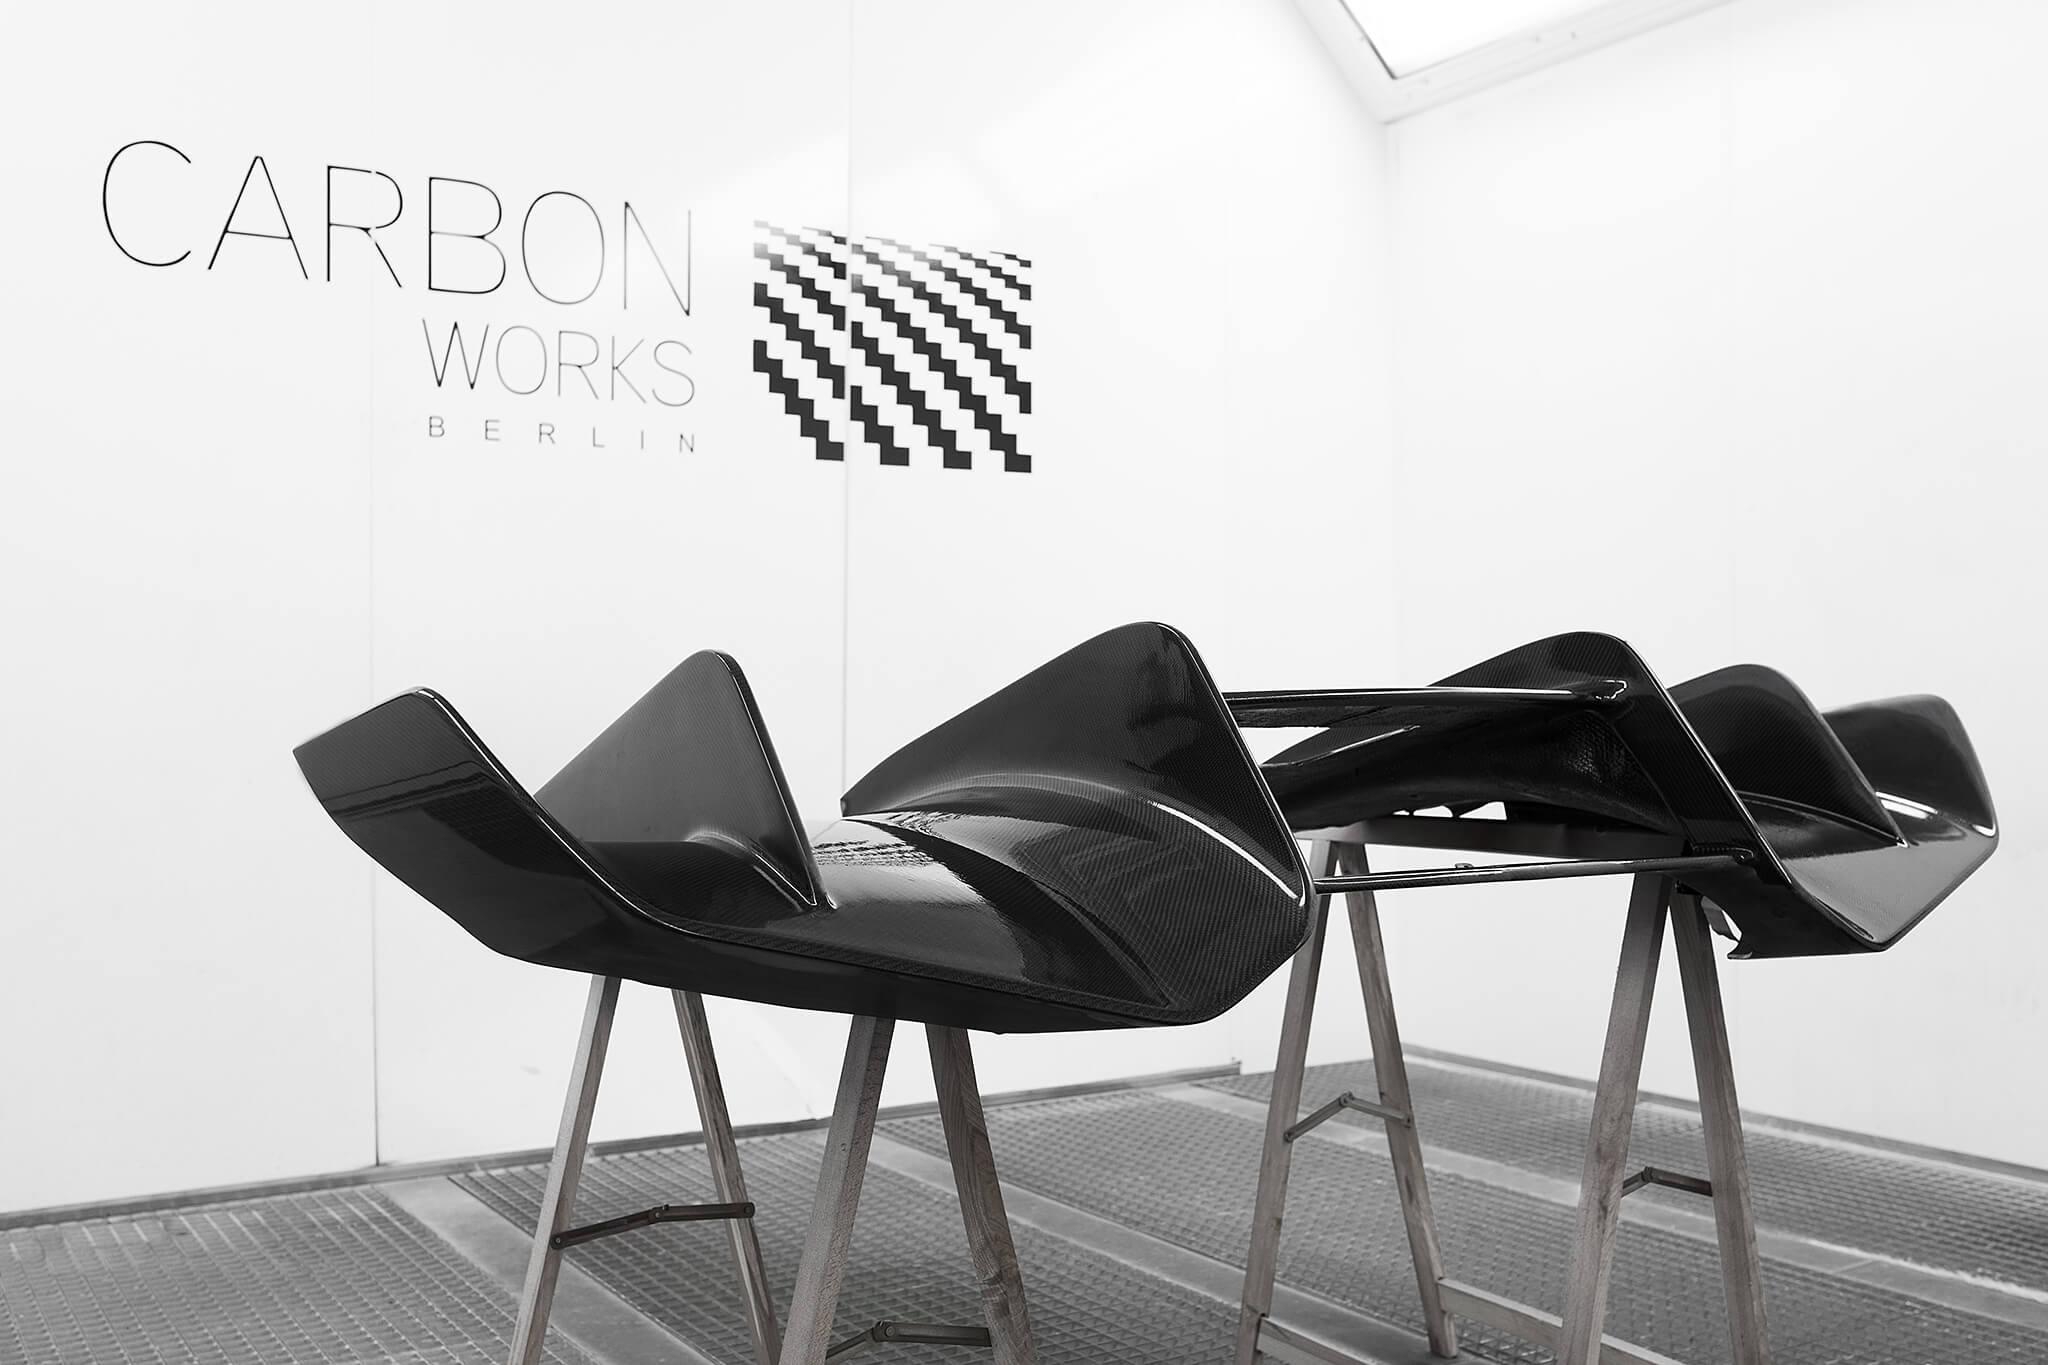 Carbon Manufaktur - Carbon Works Berlin